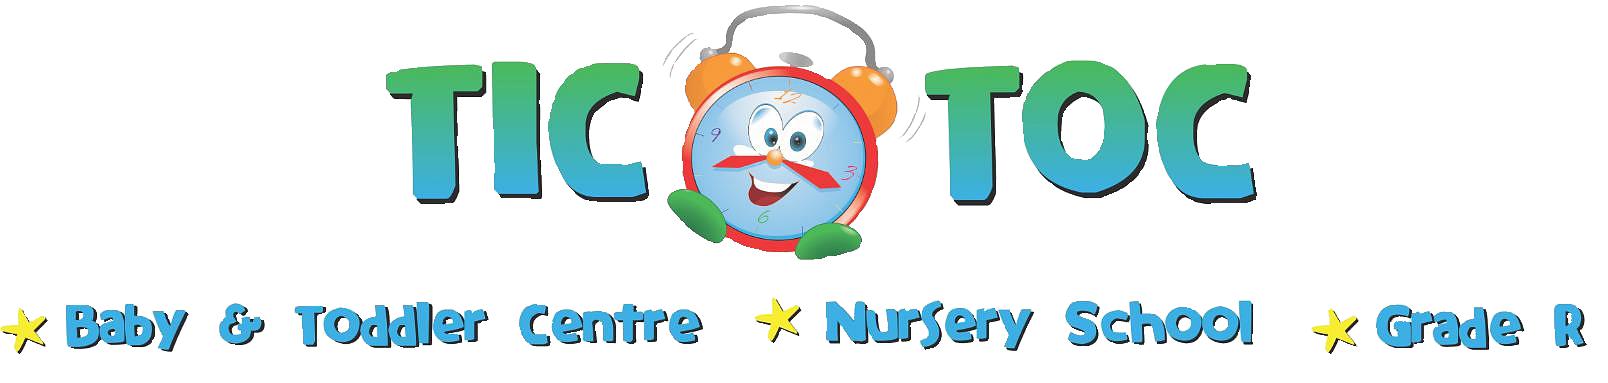 nursery clipart header